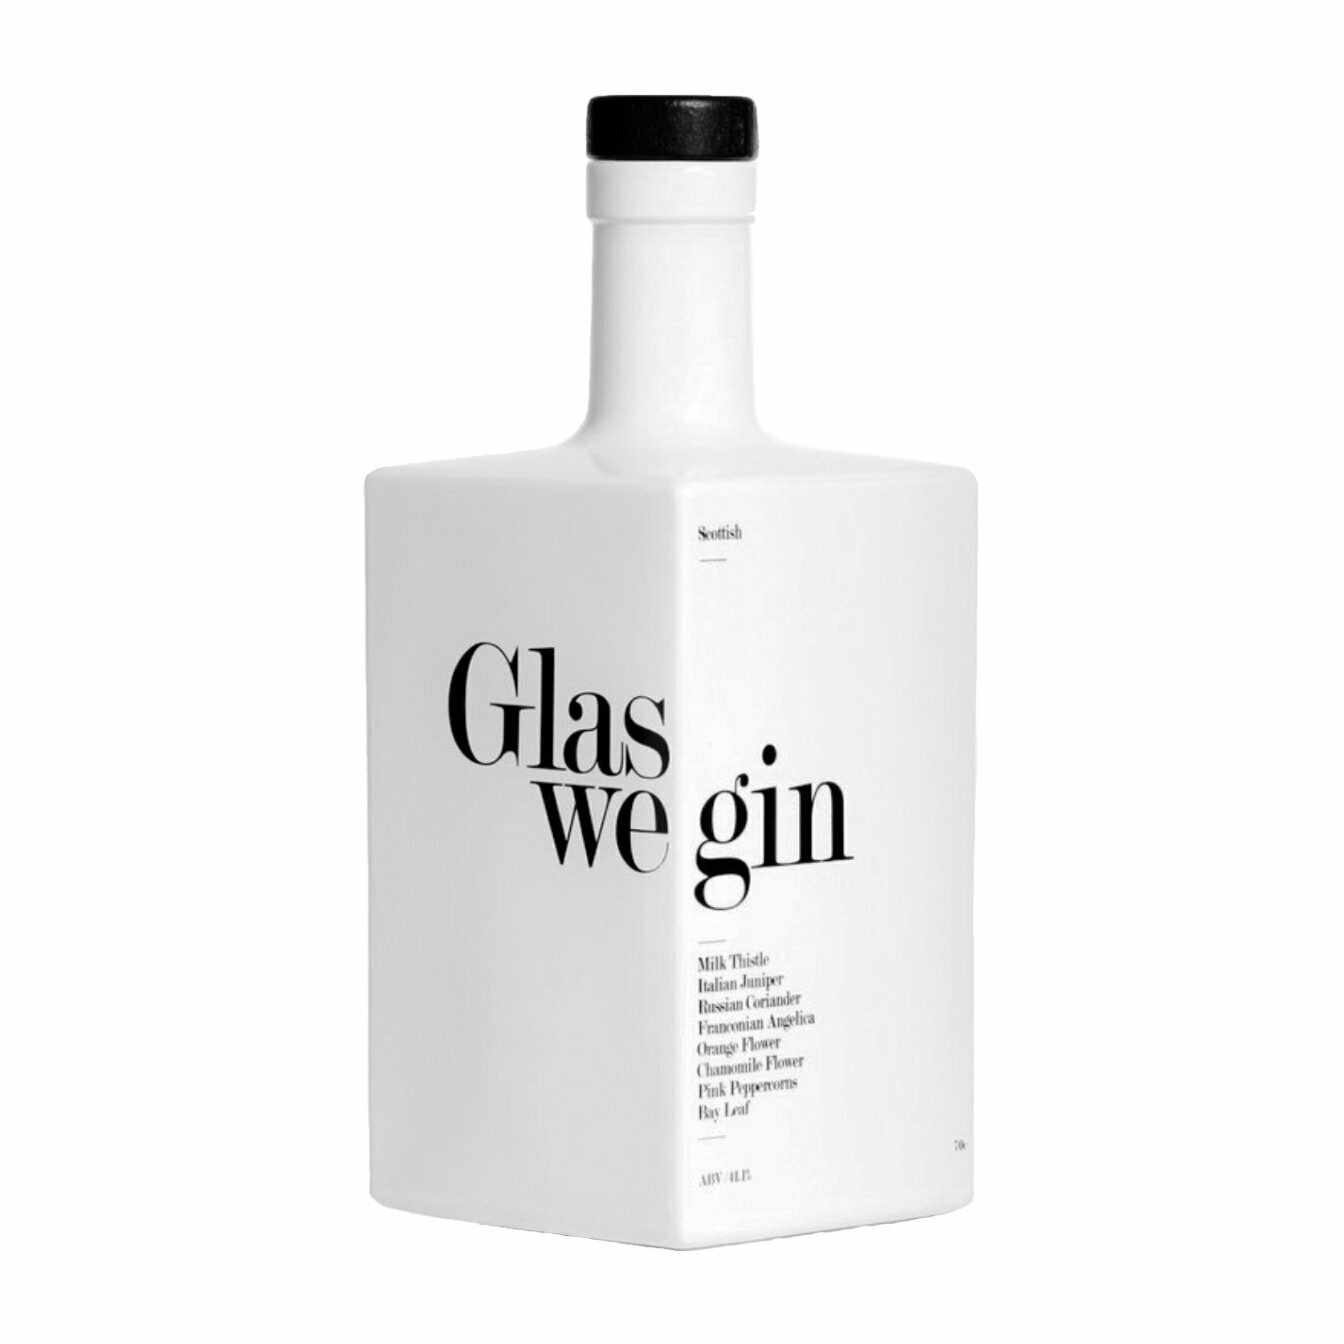 Glaswegin Original Gin